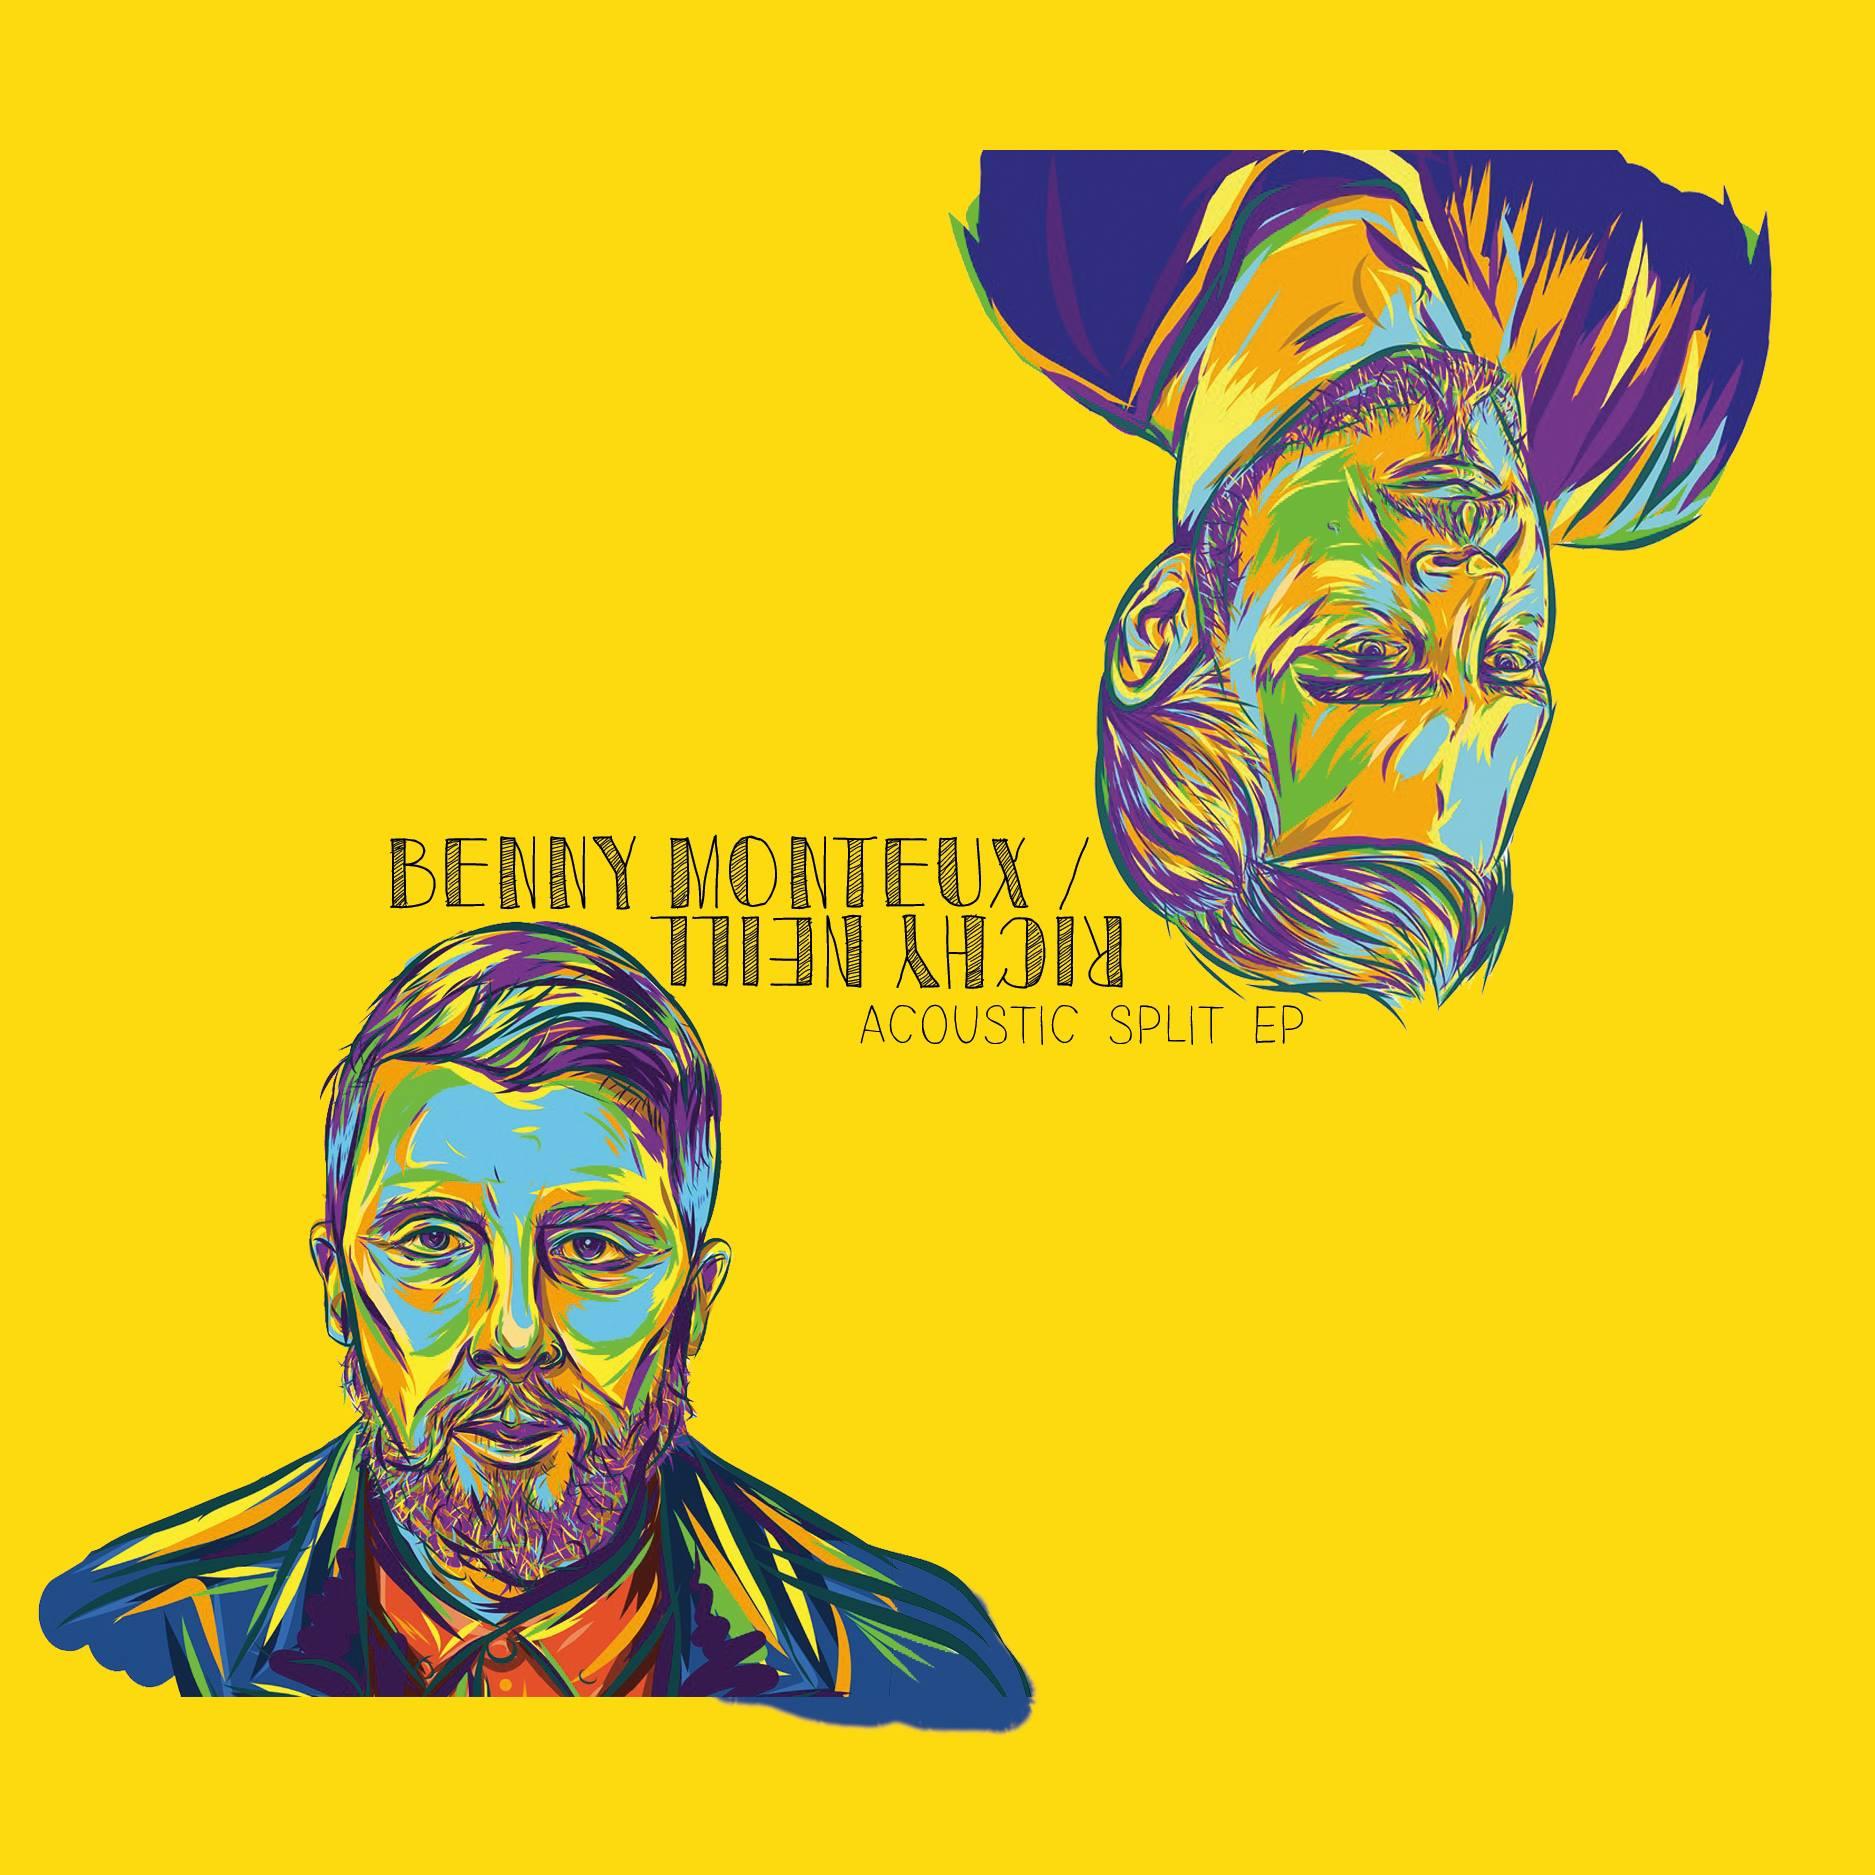 Benny Monteux & Richy Neill Acoustic split EP Artwork